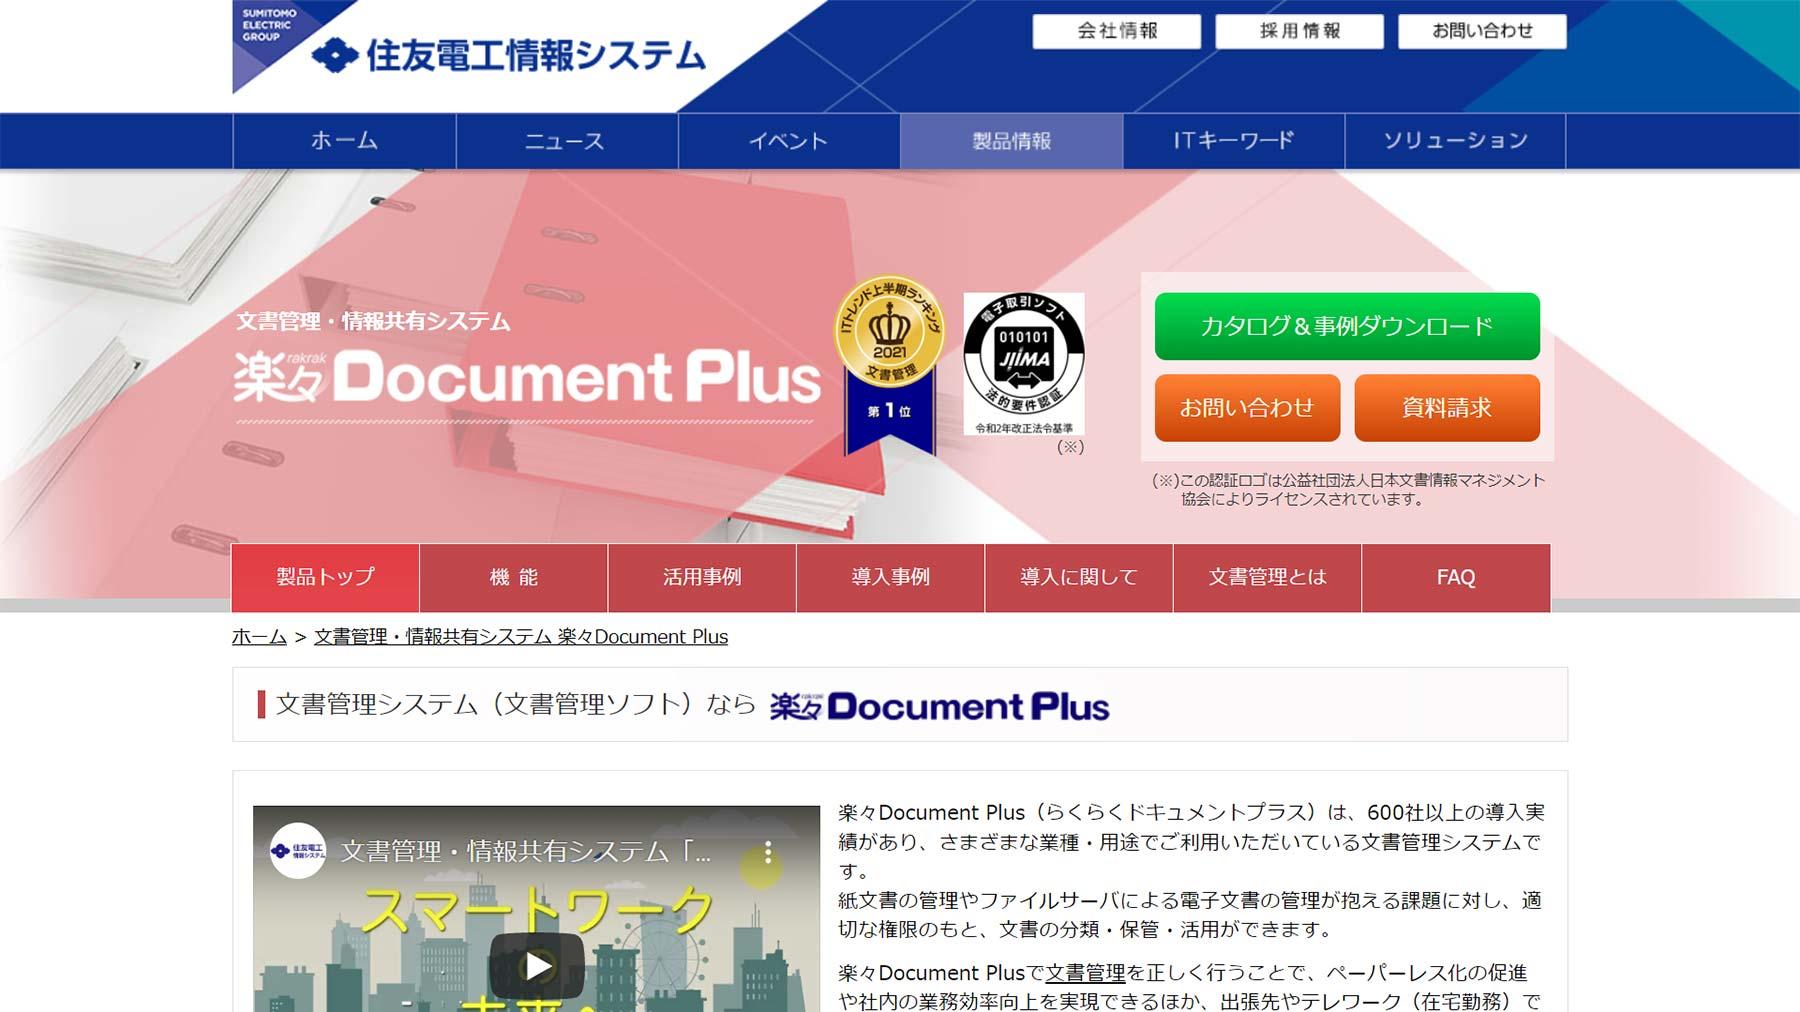 楽々Document Plus公式Webサイト